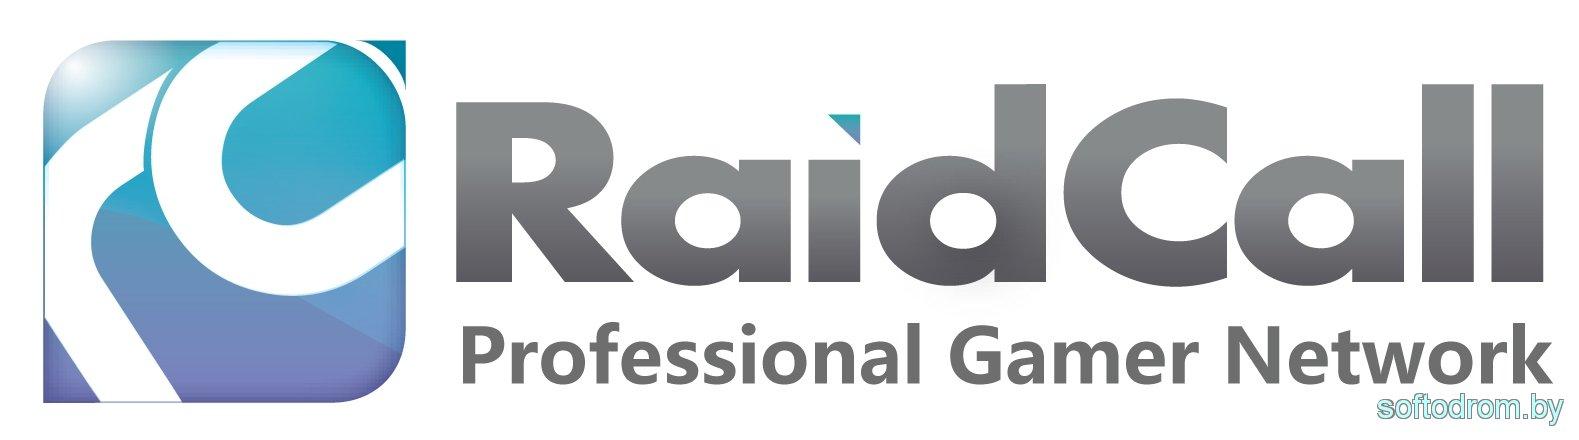 Raidcall 7. 2. 2 интернет и сеть, voip, freeware, для геймеров.